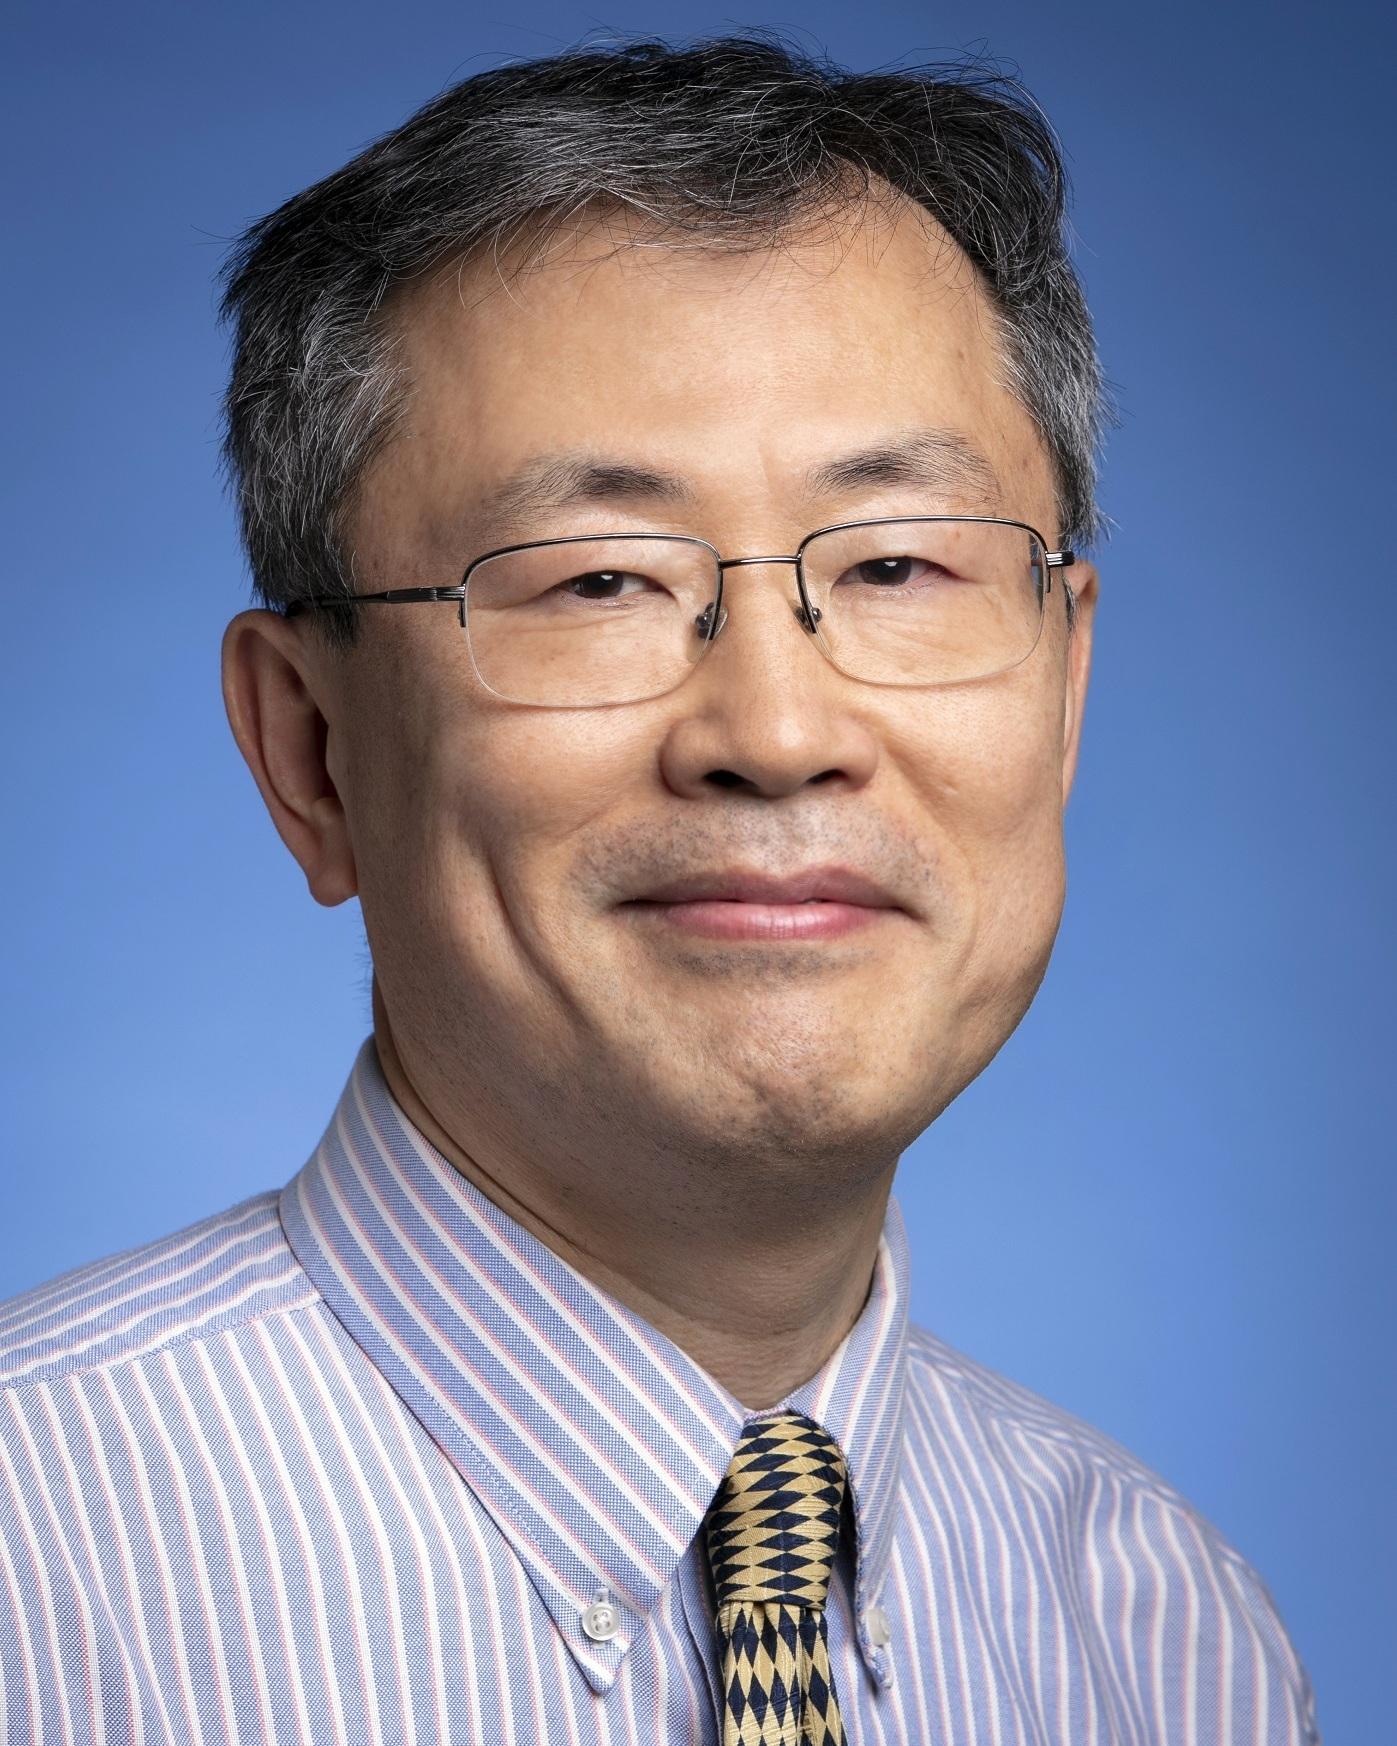 Photo of Kwanghee Kim